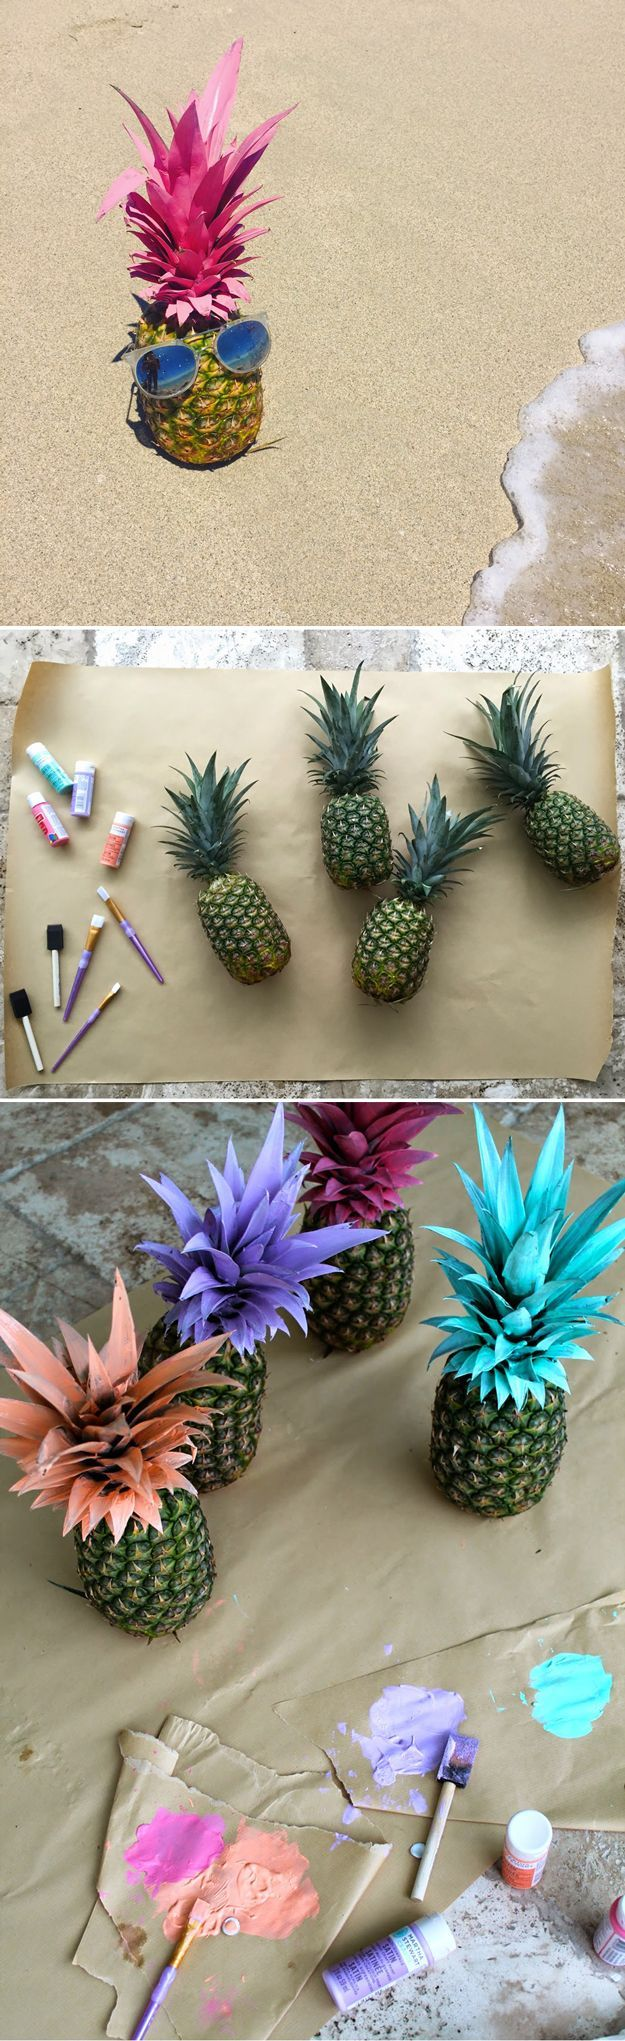 DIY Beach Party Ideas